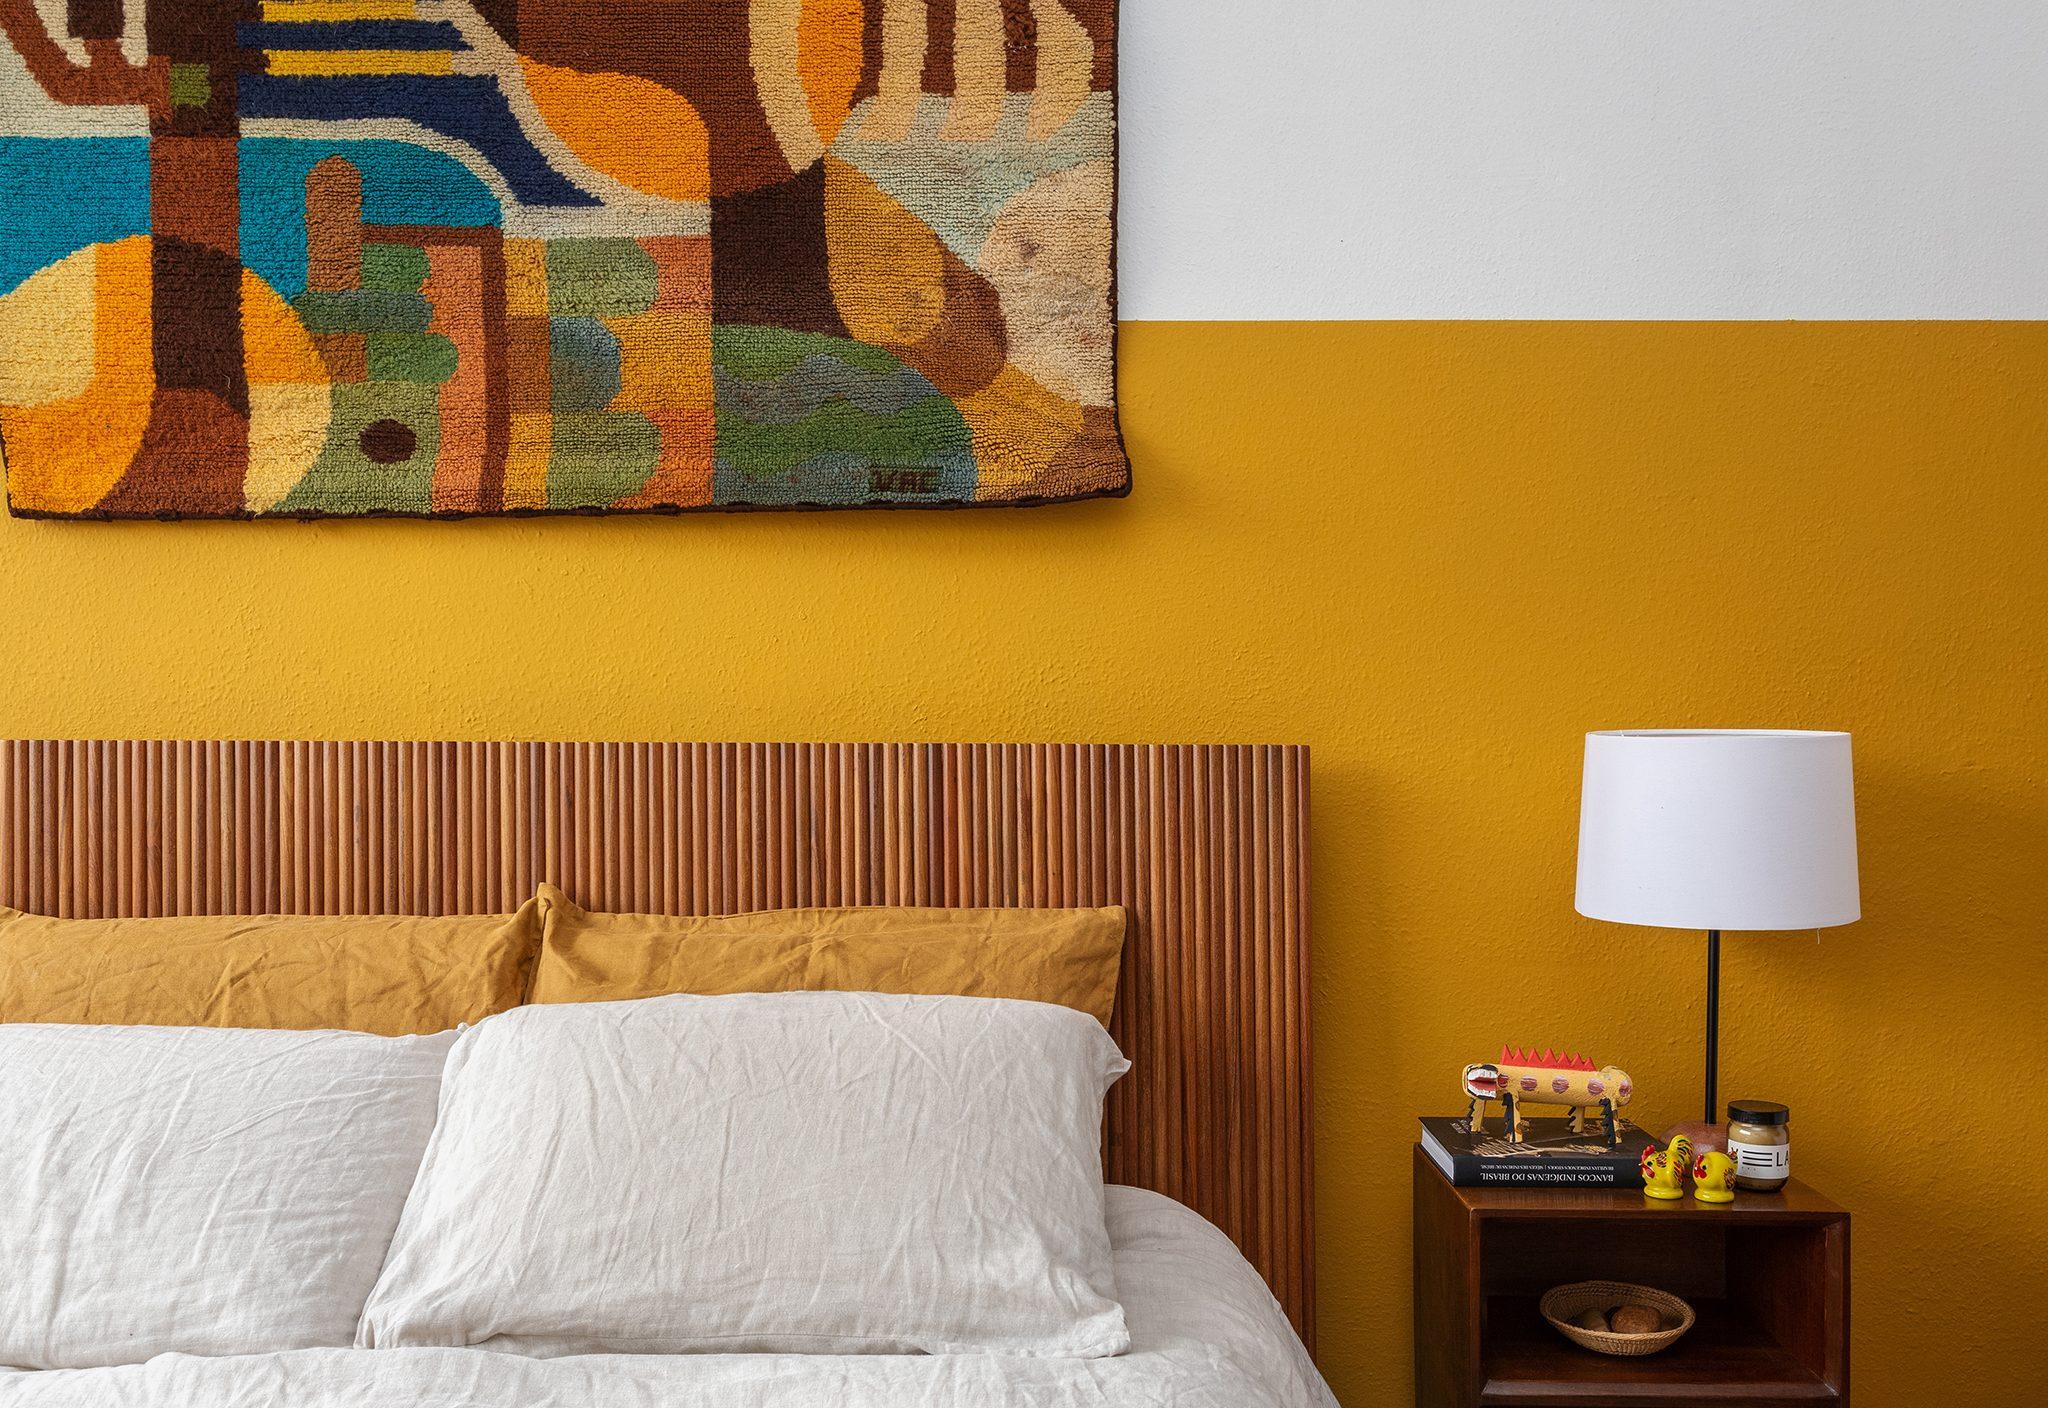 Quarto com parede mostarda e cabeceira de madeira